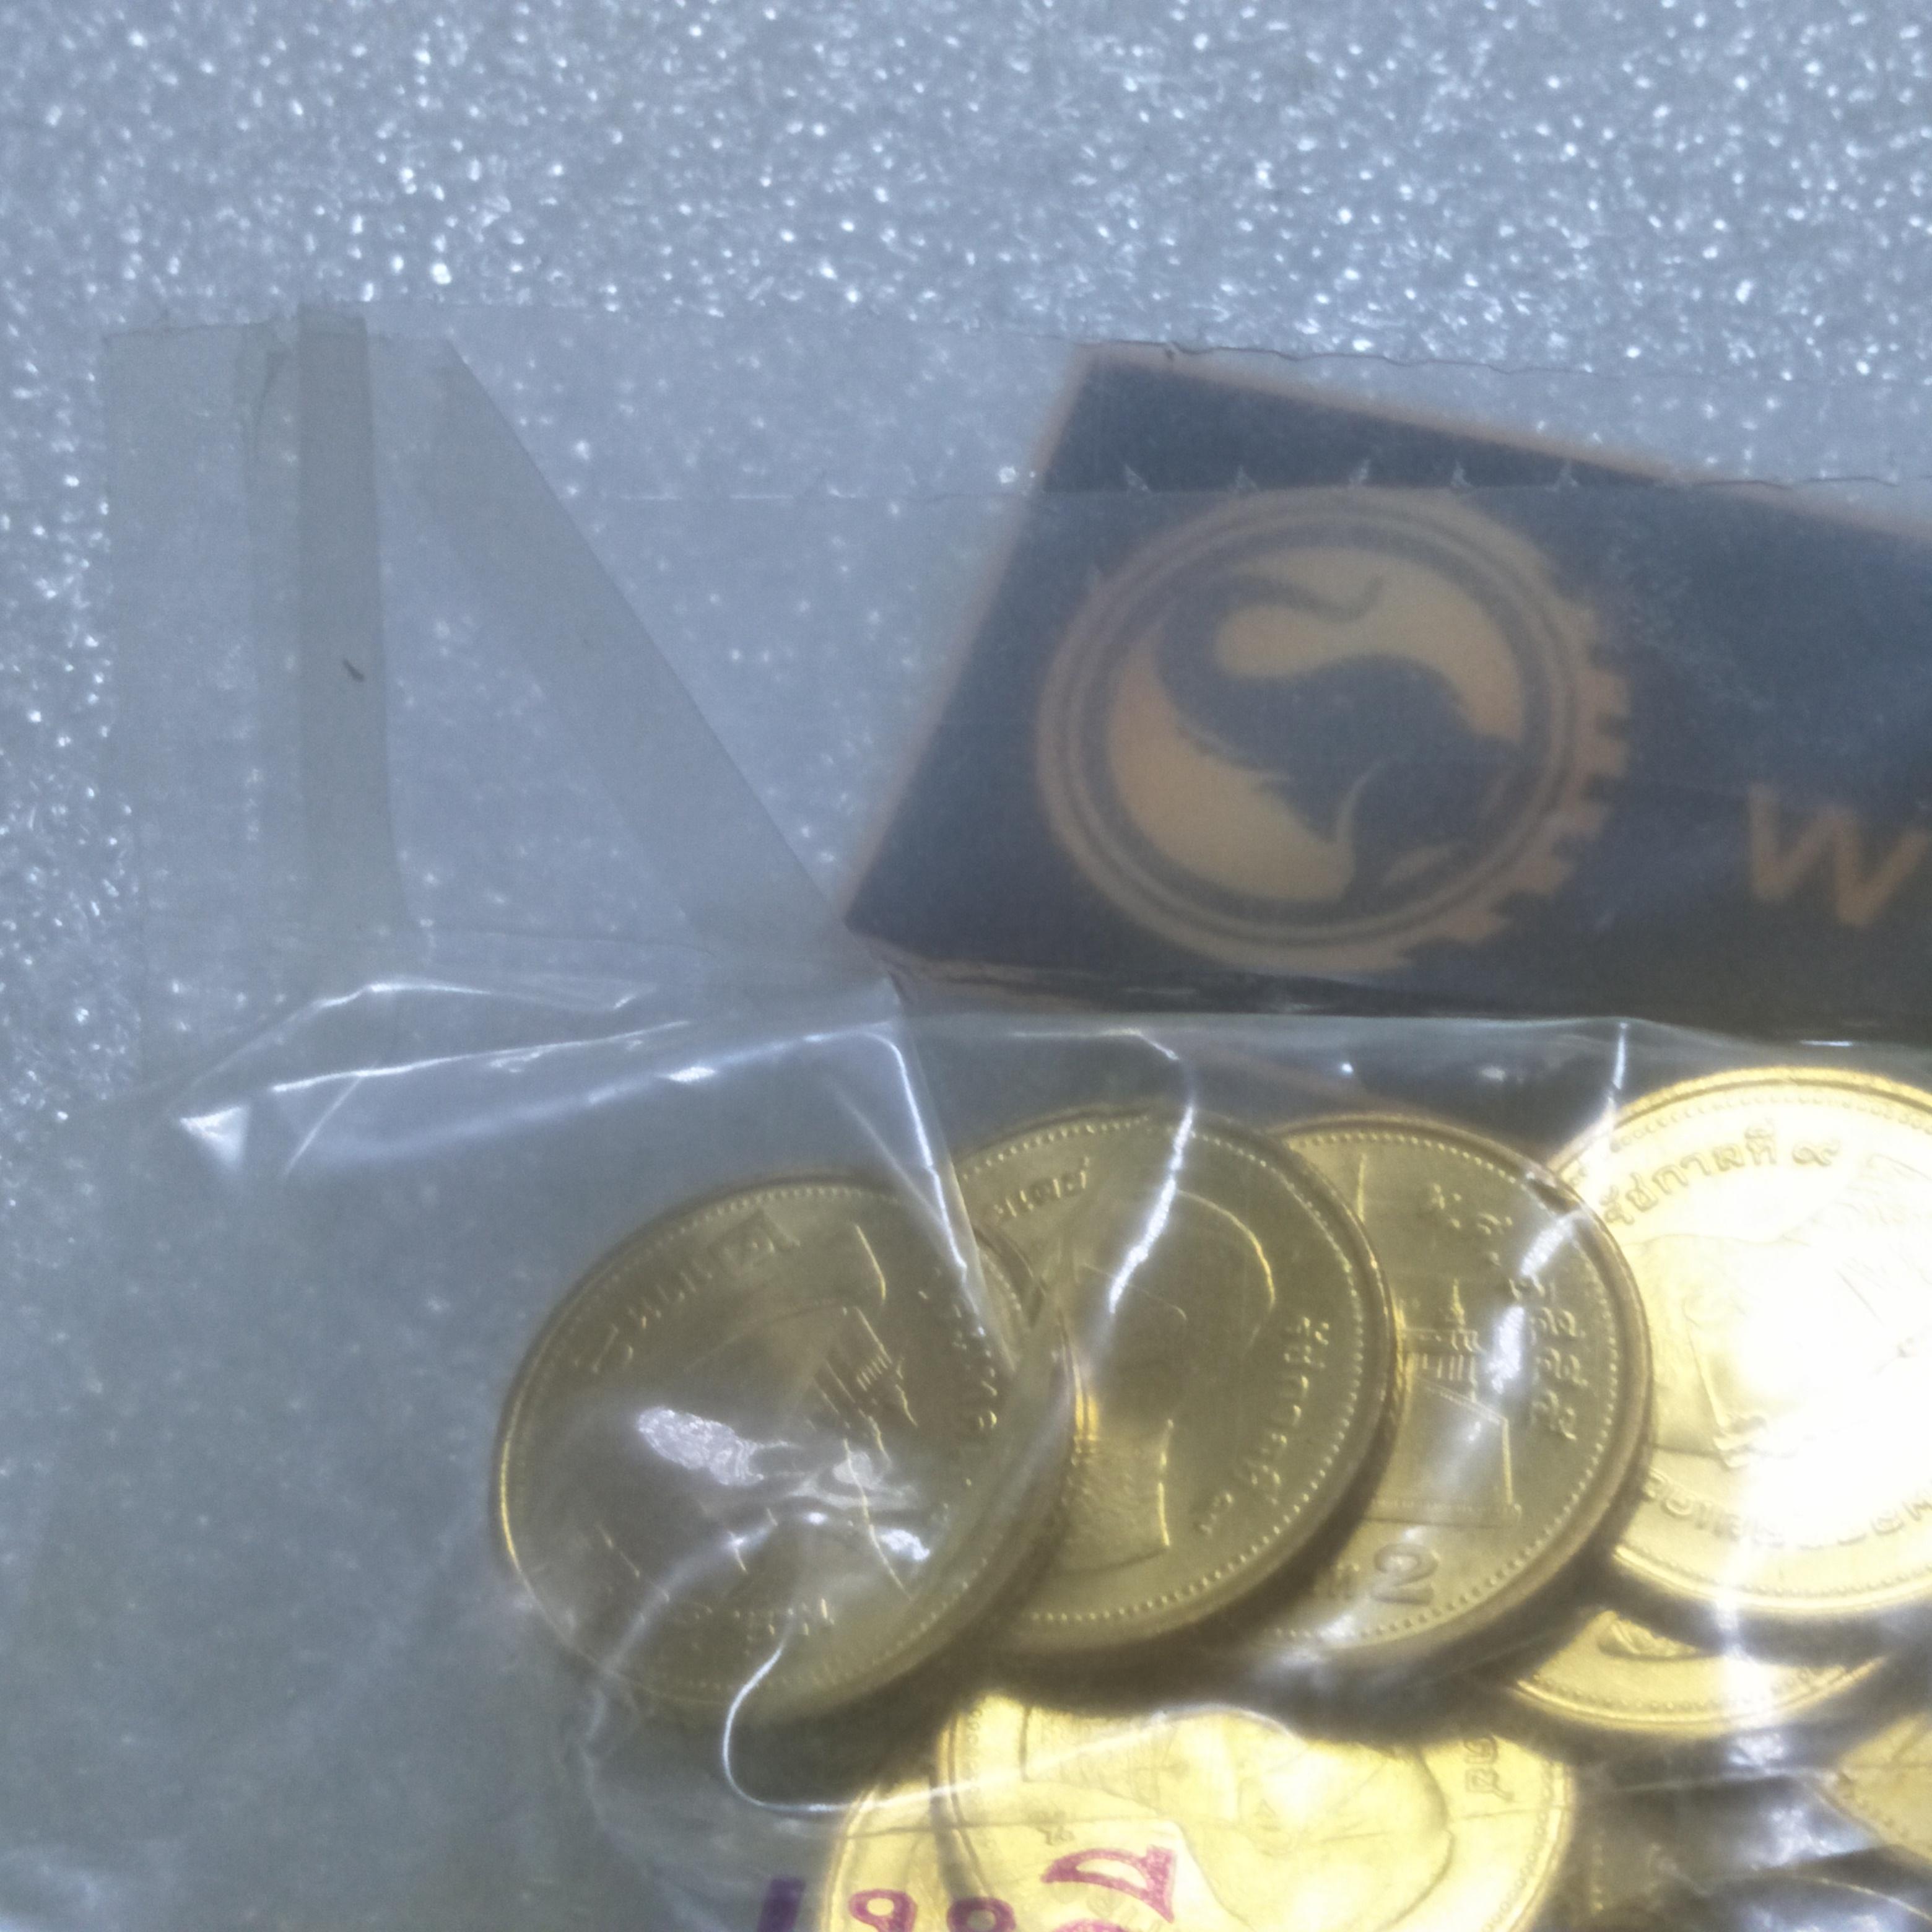 เหรียญ 2 บาท 2555 ยกถุง UNC